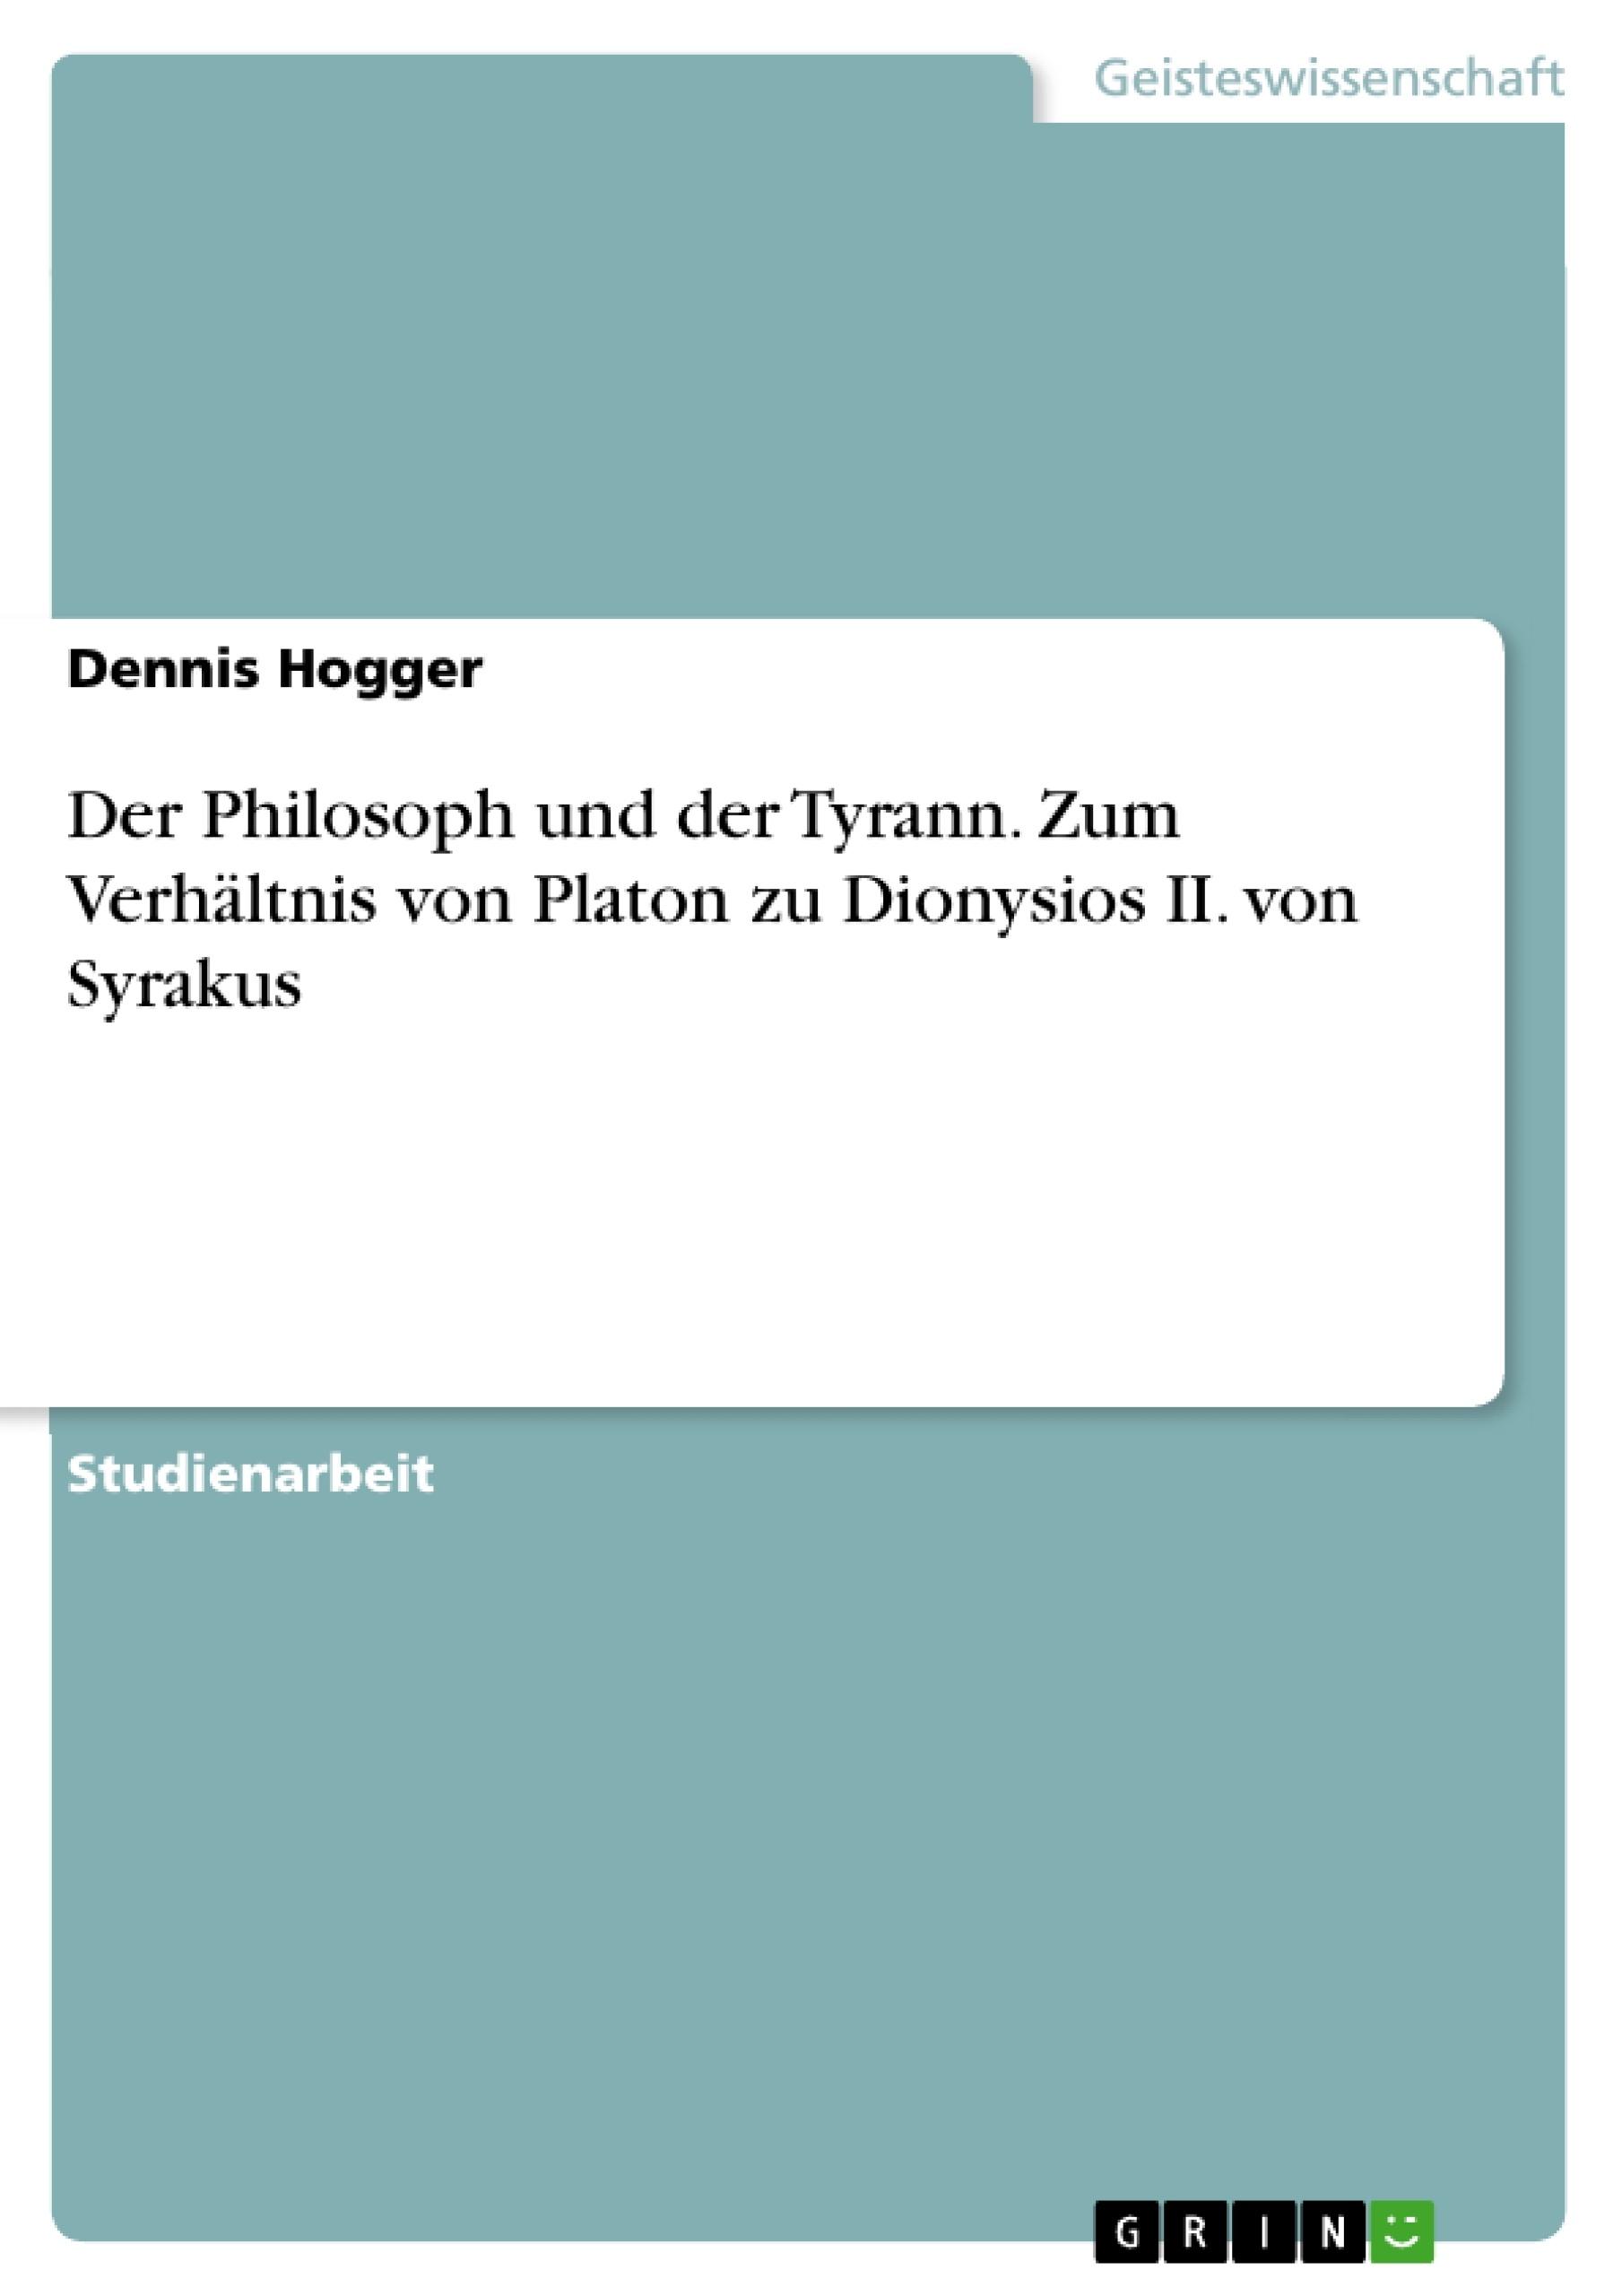 Titel: Der Philosoph und der Tyrann. Zum Verhältnis von Platon zu Dionysios II. von Syrakus